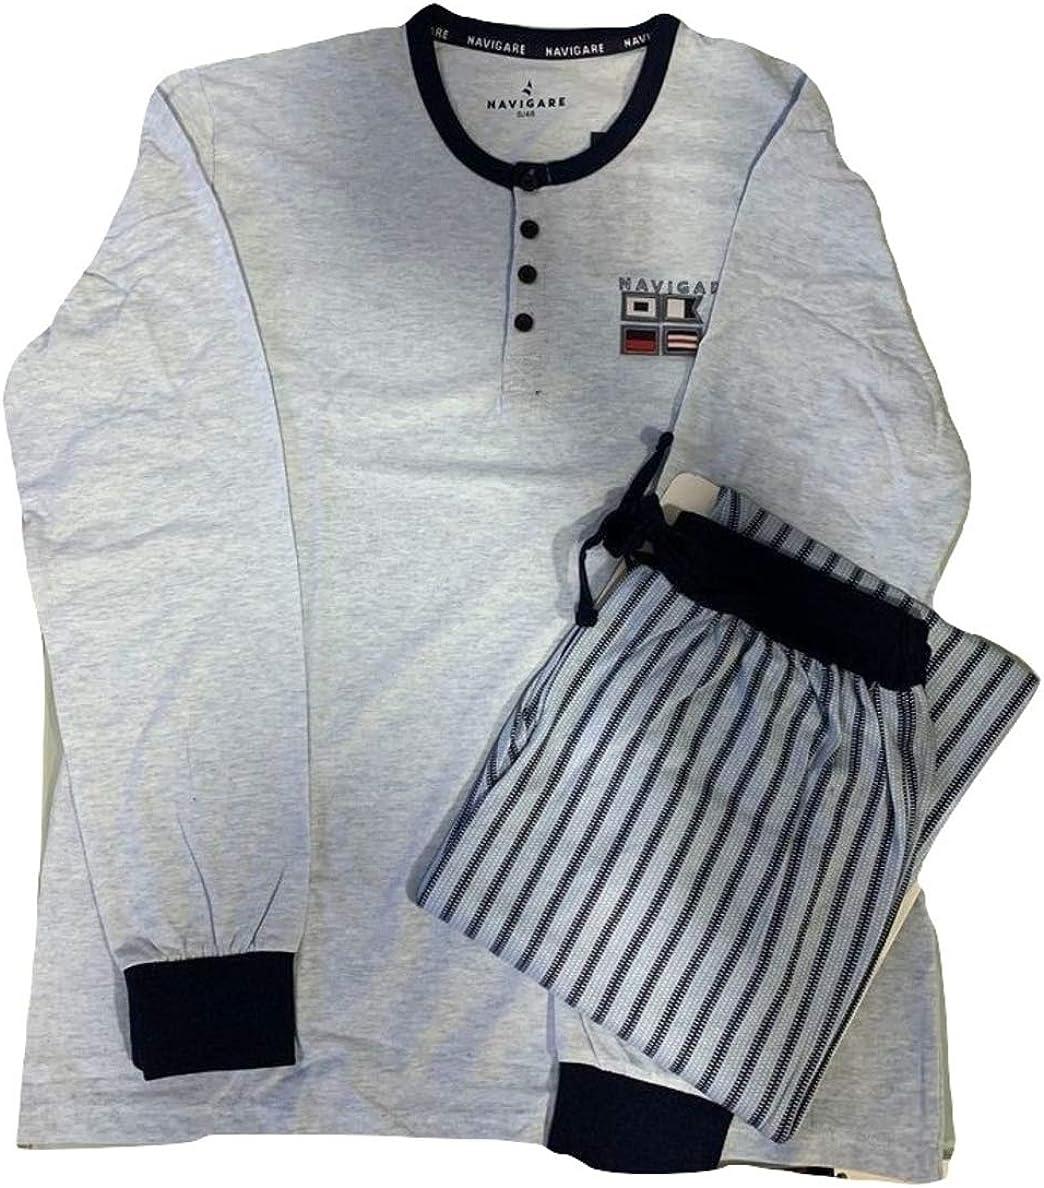 B2141090 Navigare Pigiama Serafino Uomo Lungo Due Pezzi Cotone Jersey Art